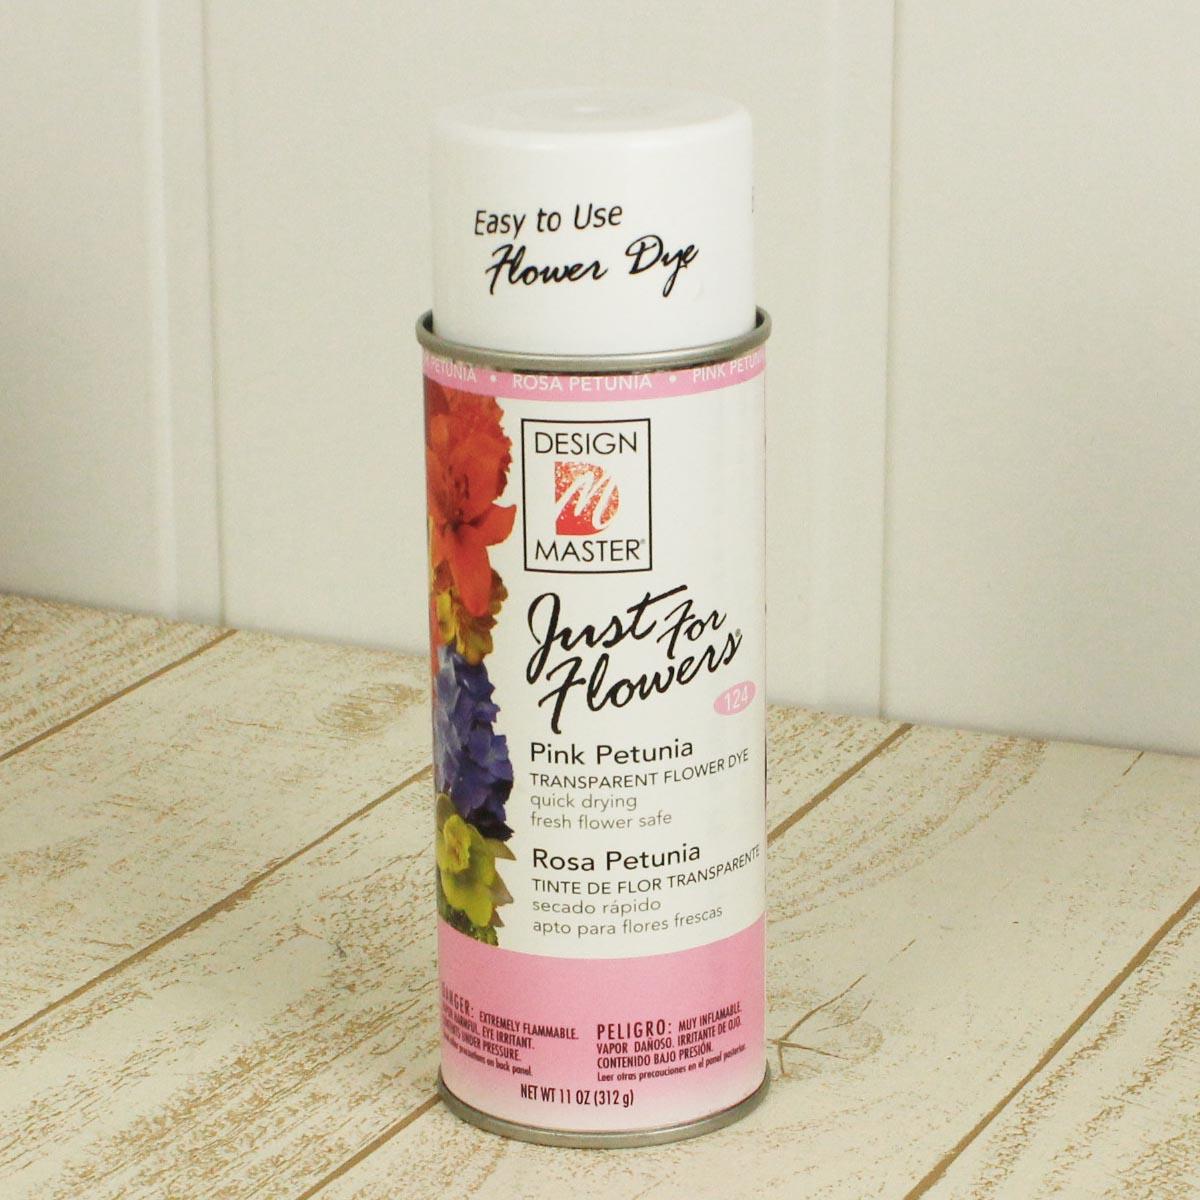 オアシス/Just for flowers(カラースプレー) ペチュニアピンク 400ml/124【01】【取寄】《 花資材・道具 グリッター、カラースプレー 》